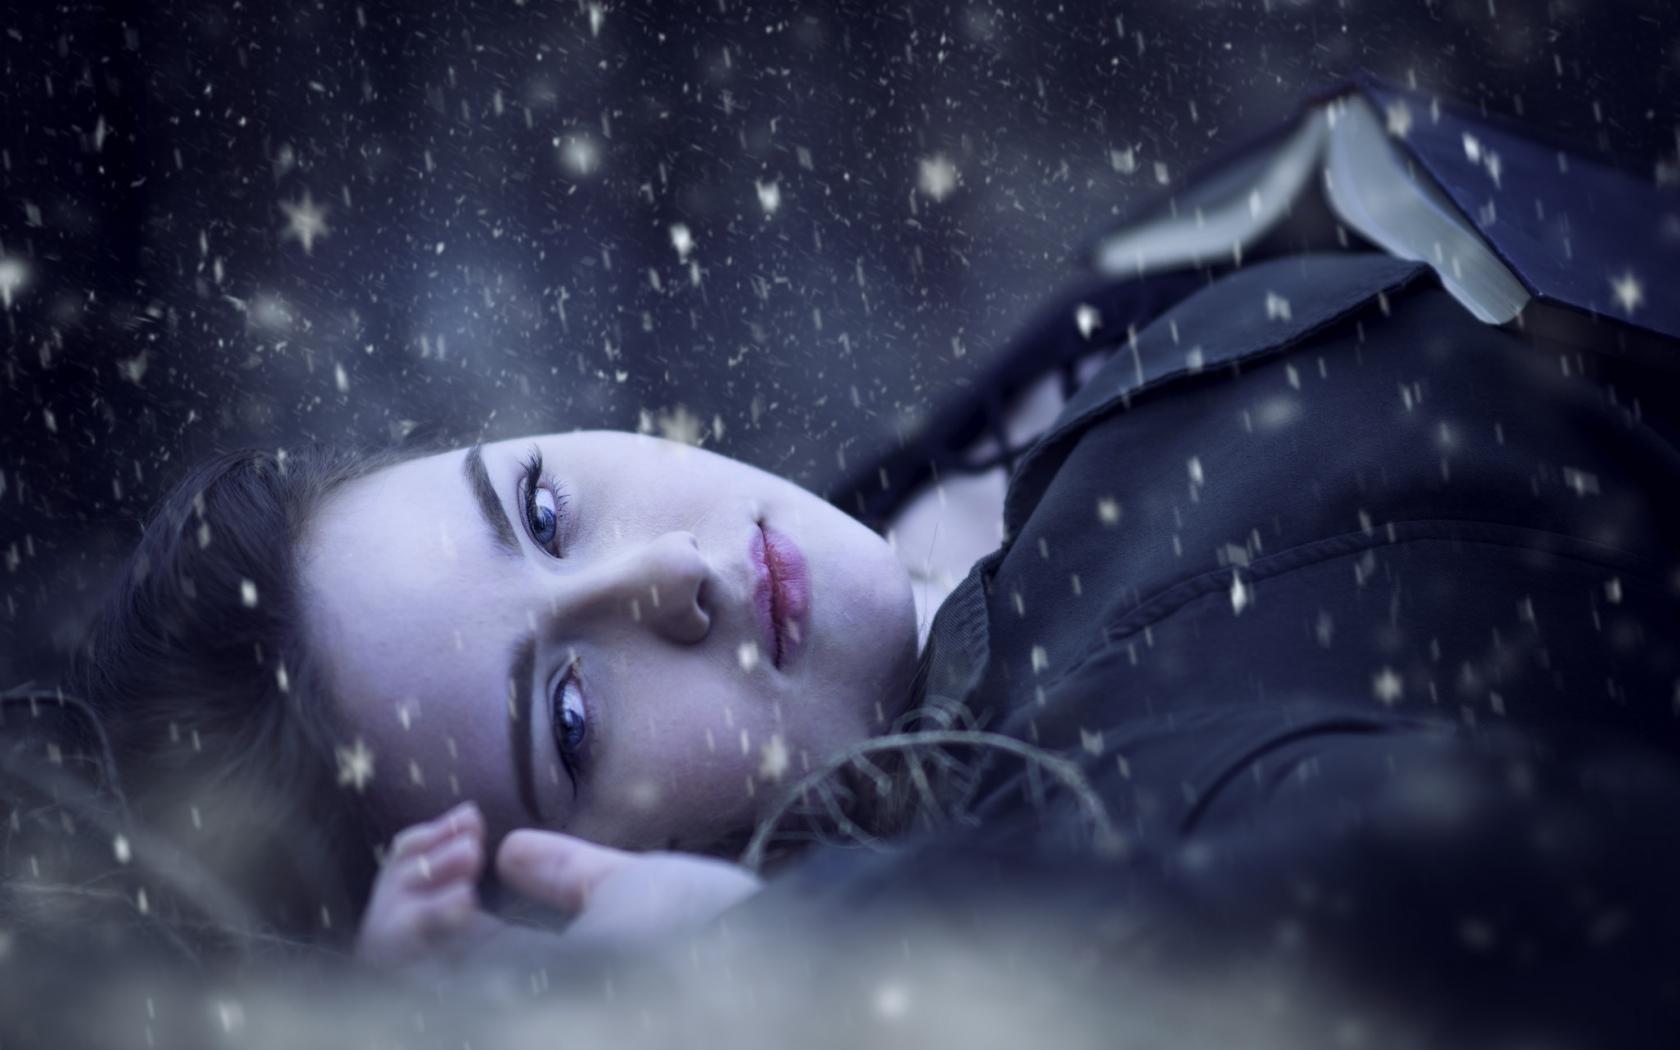 Retrato bajo la nieve - 1680x1050